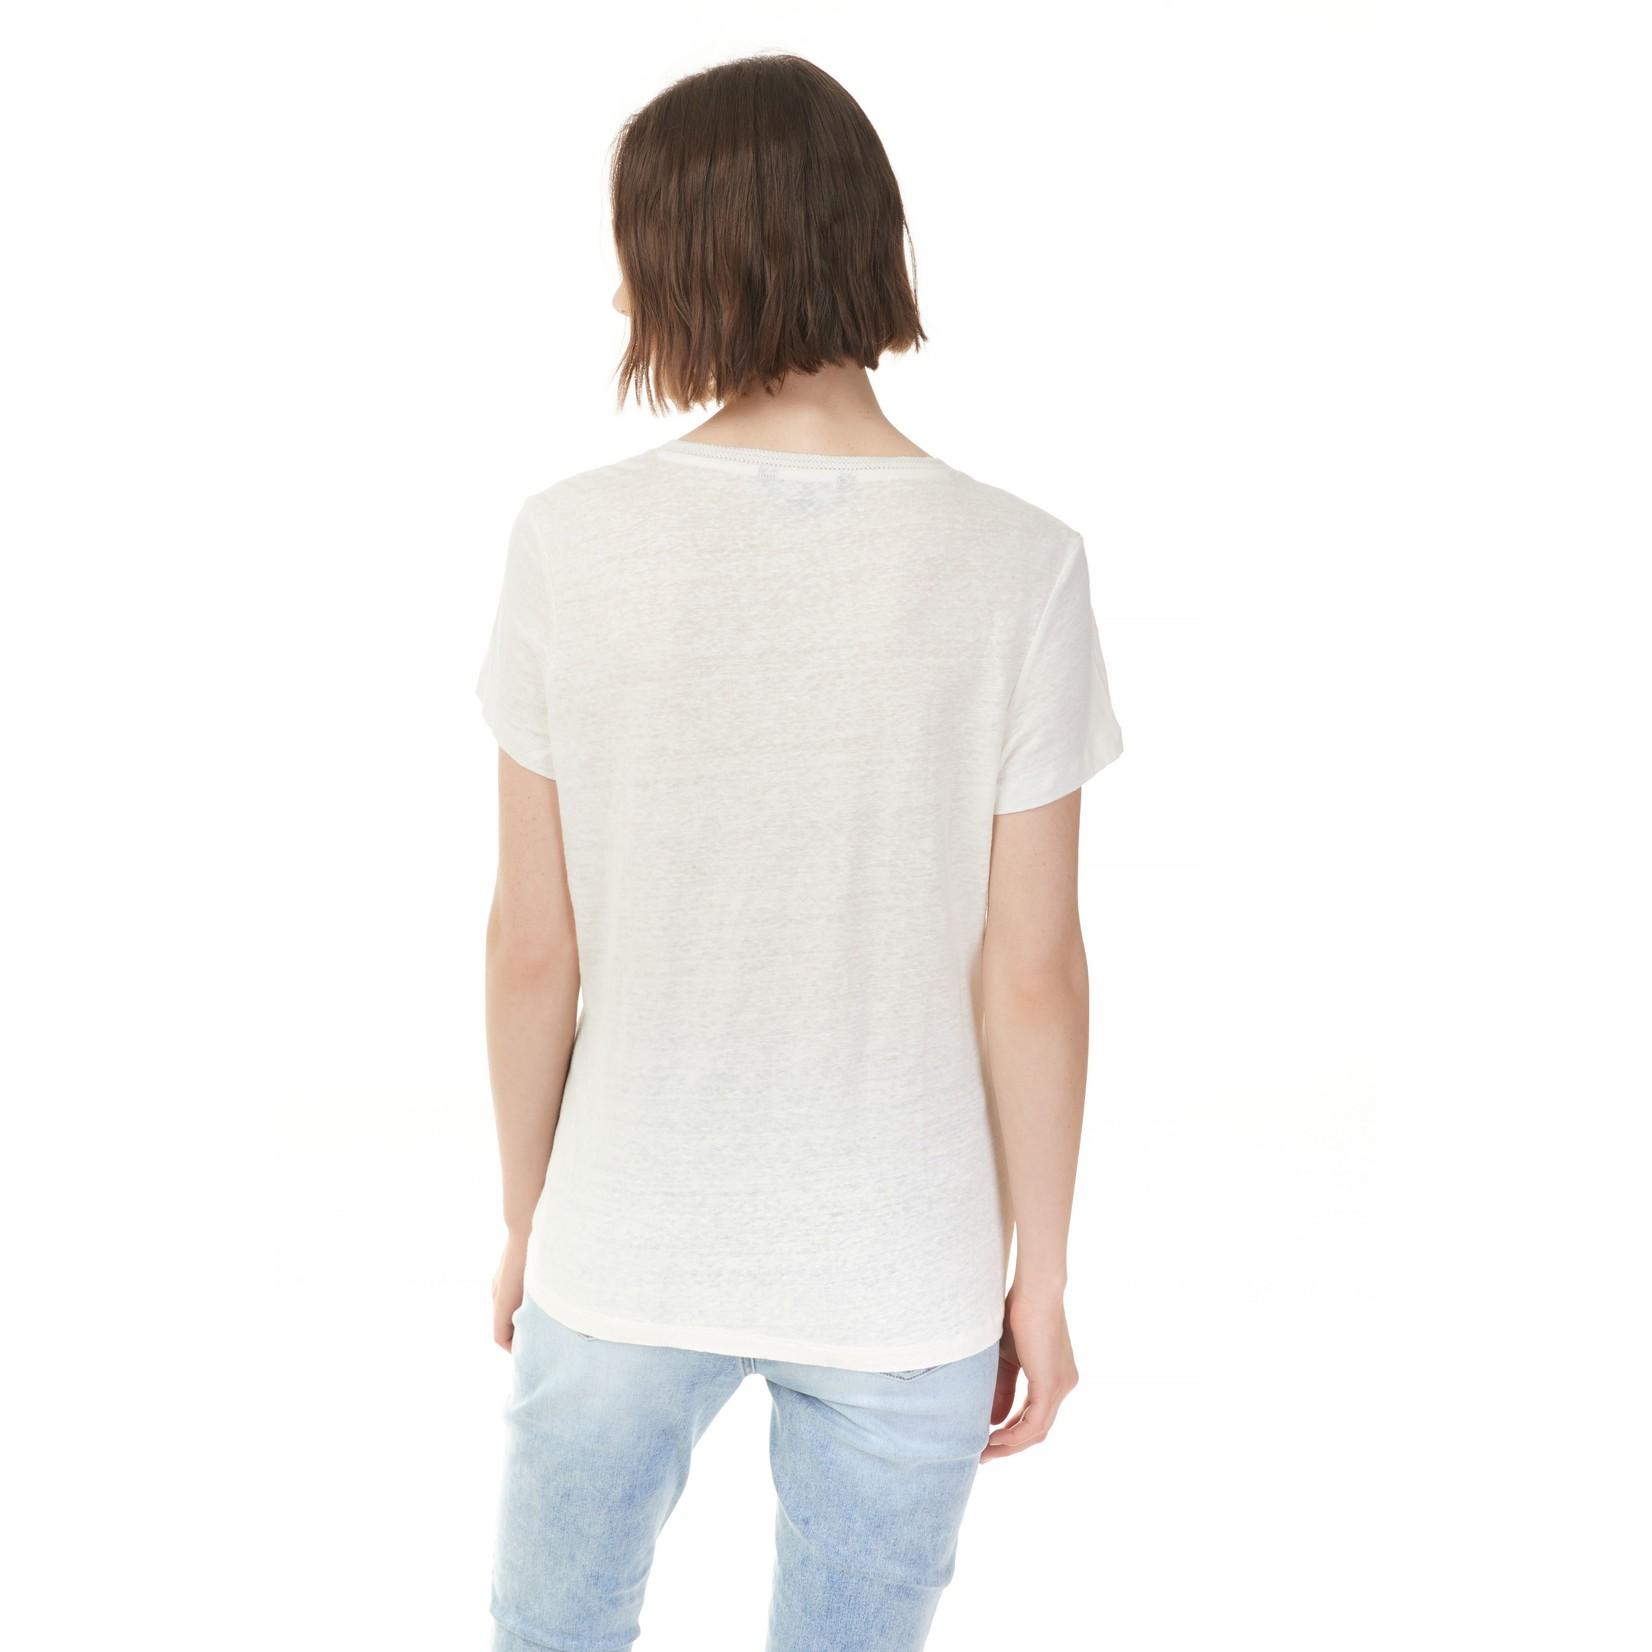 Charlie B Short Sleeve Linen Top